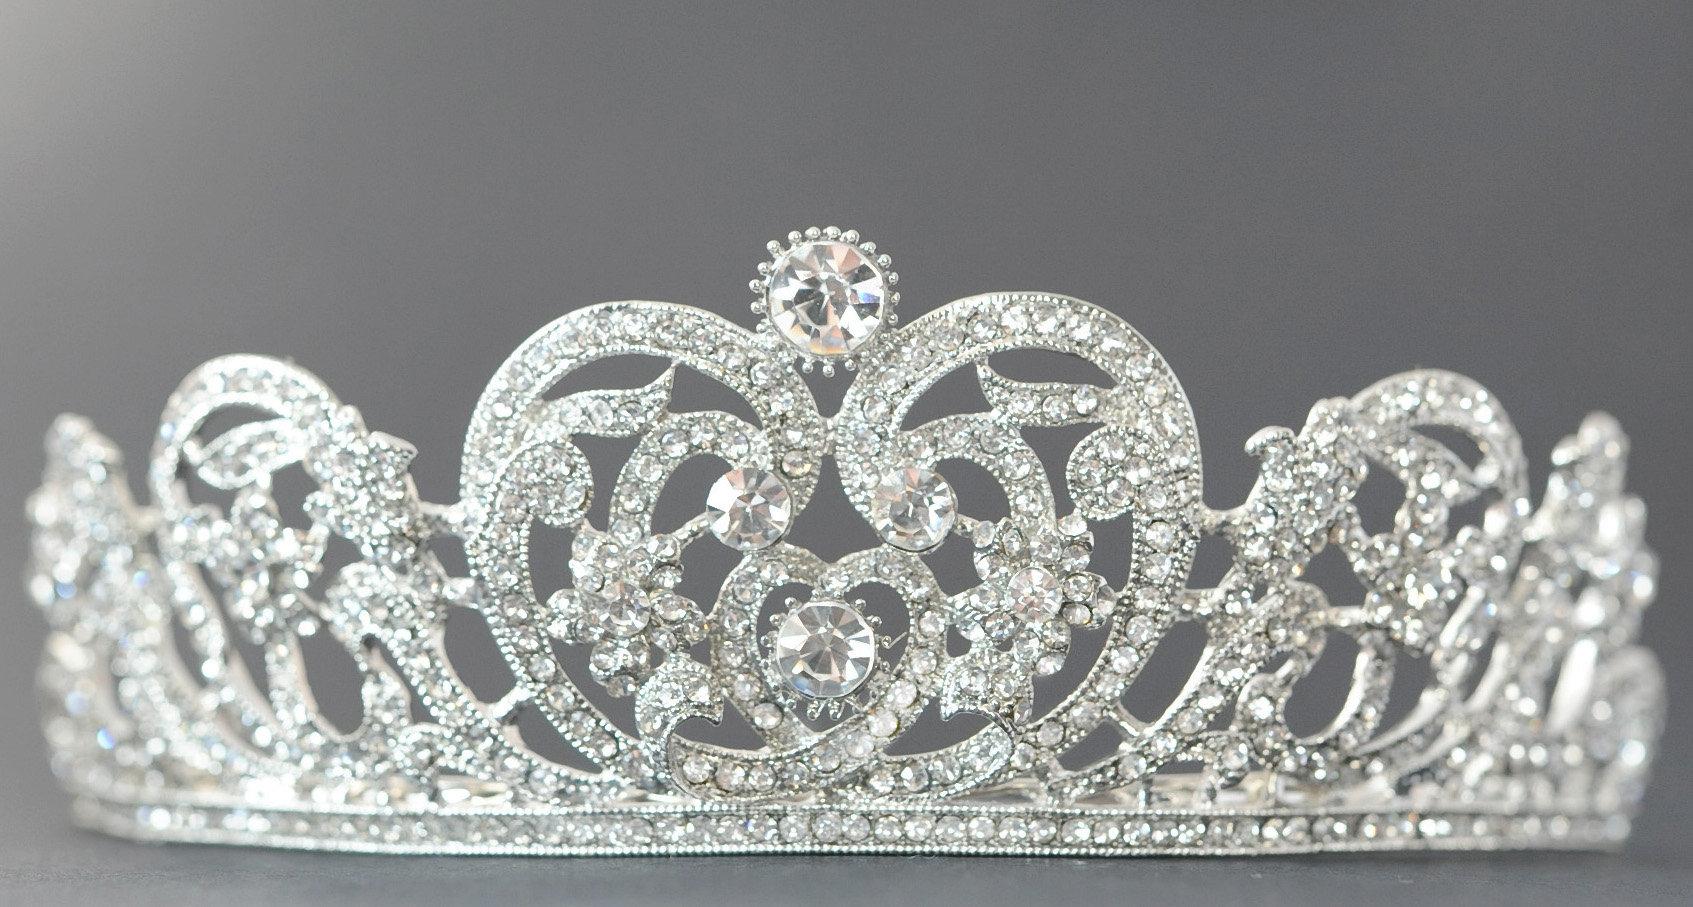 Bridal Tiara Silver Tiara Crystal Bridal Crown Bridal Diadem Wedding Tiara  Dimond Tiara Swarovski Tiara For Bride Zirconia Crown Cz Pertaining To Latest Tiara Crown Collier Necklaces (View 3 of 25)